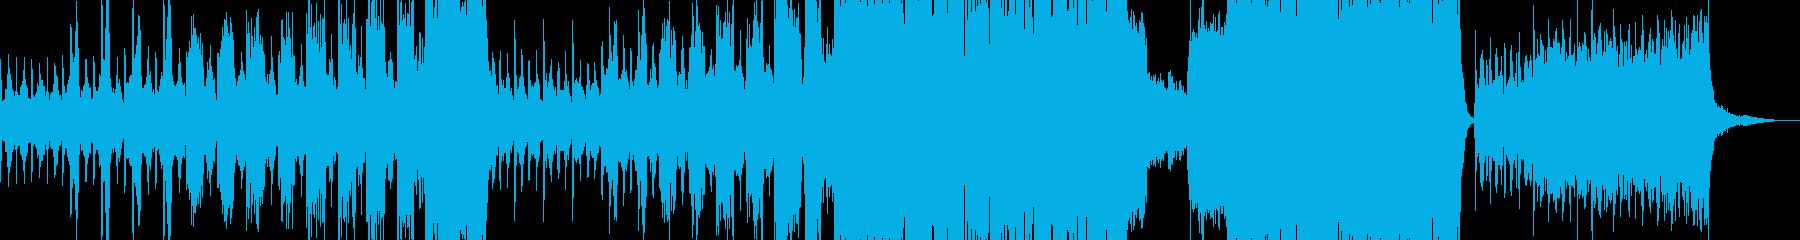 恐怖 差し迫るシーンに合うBGMの再生済みの波形